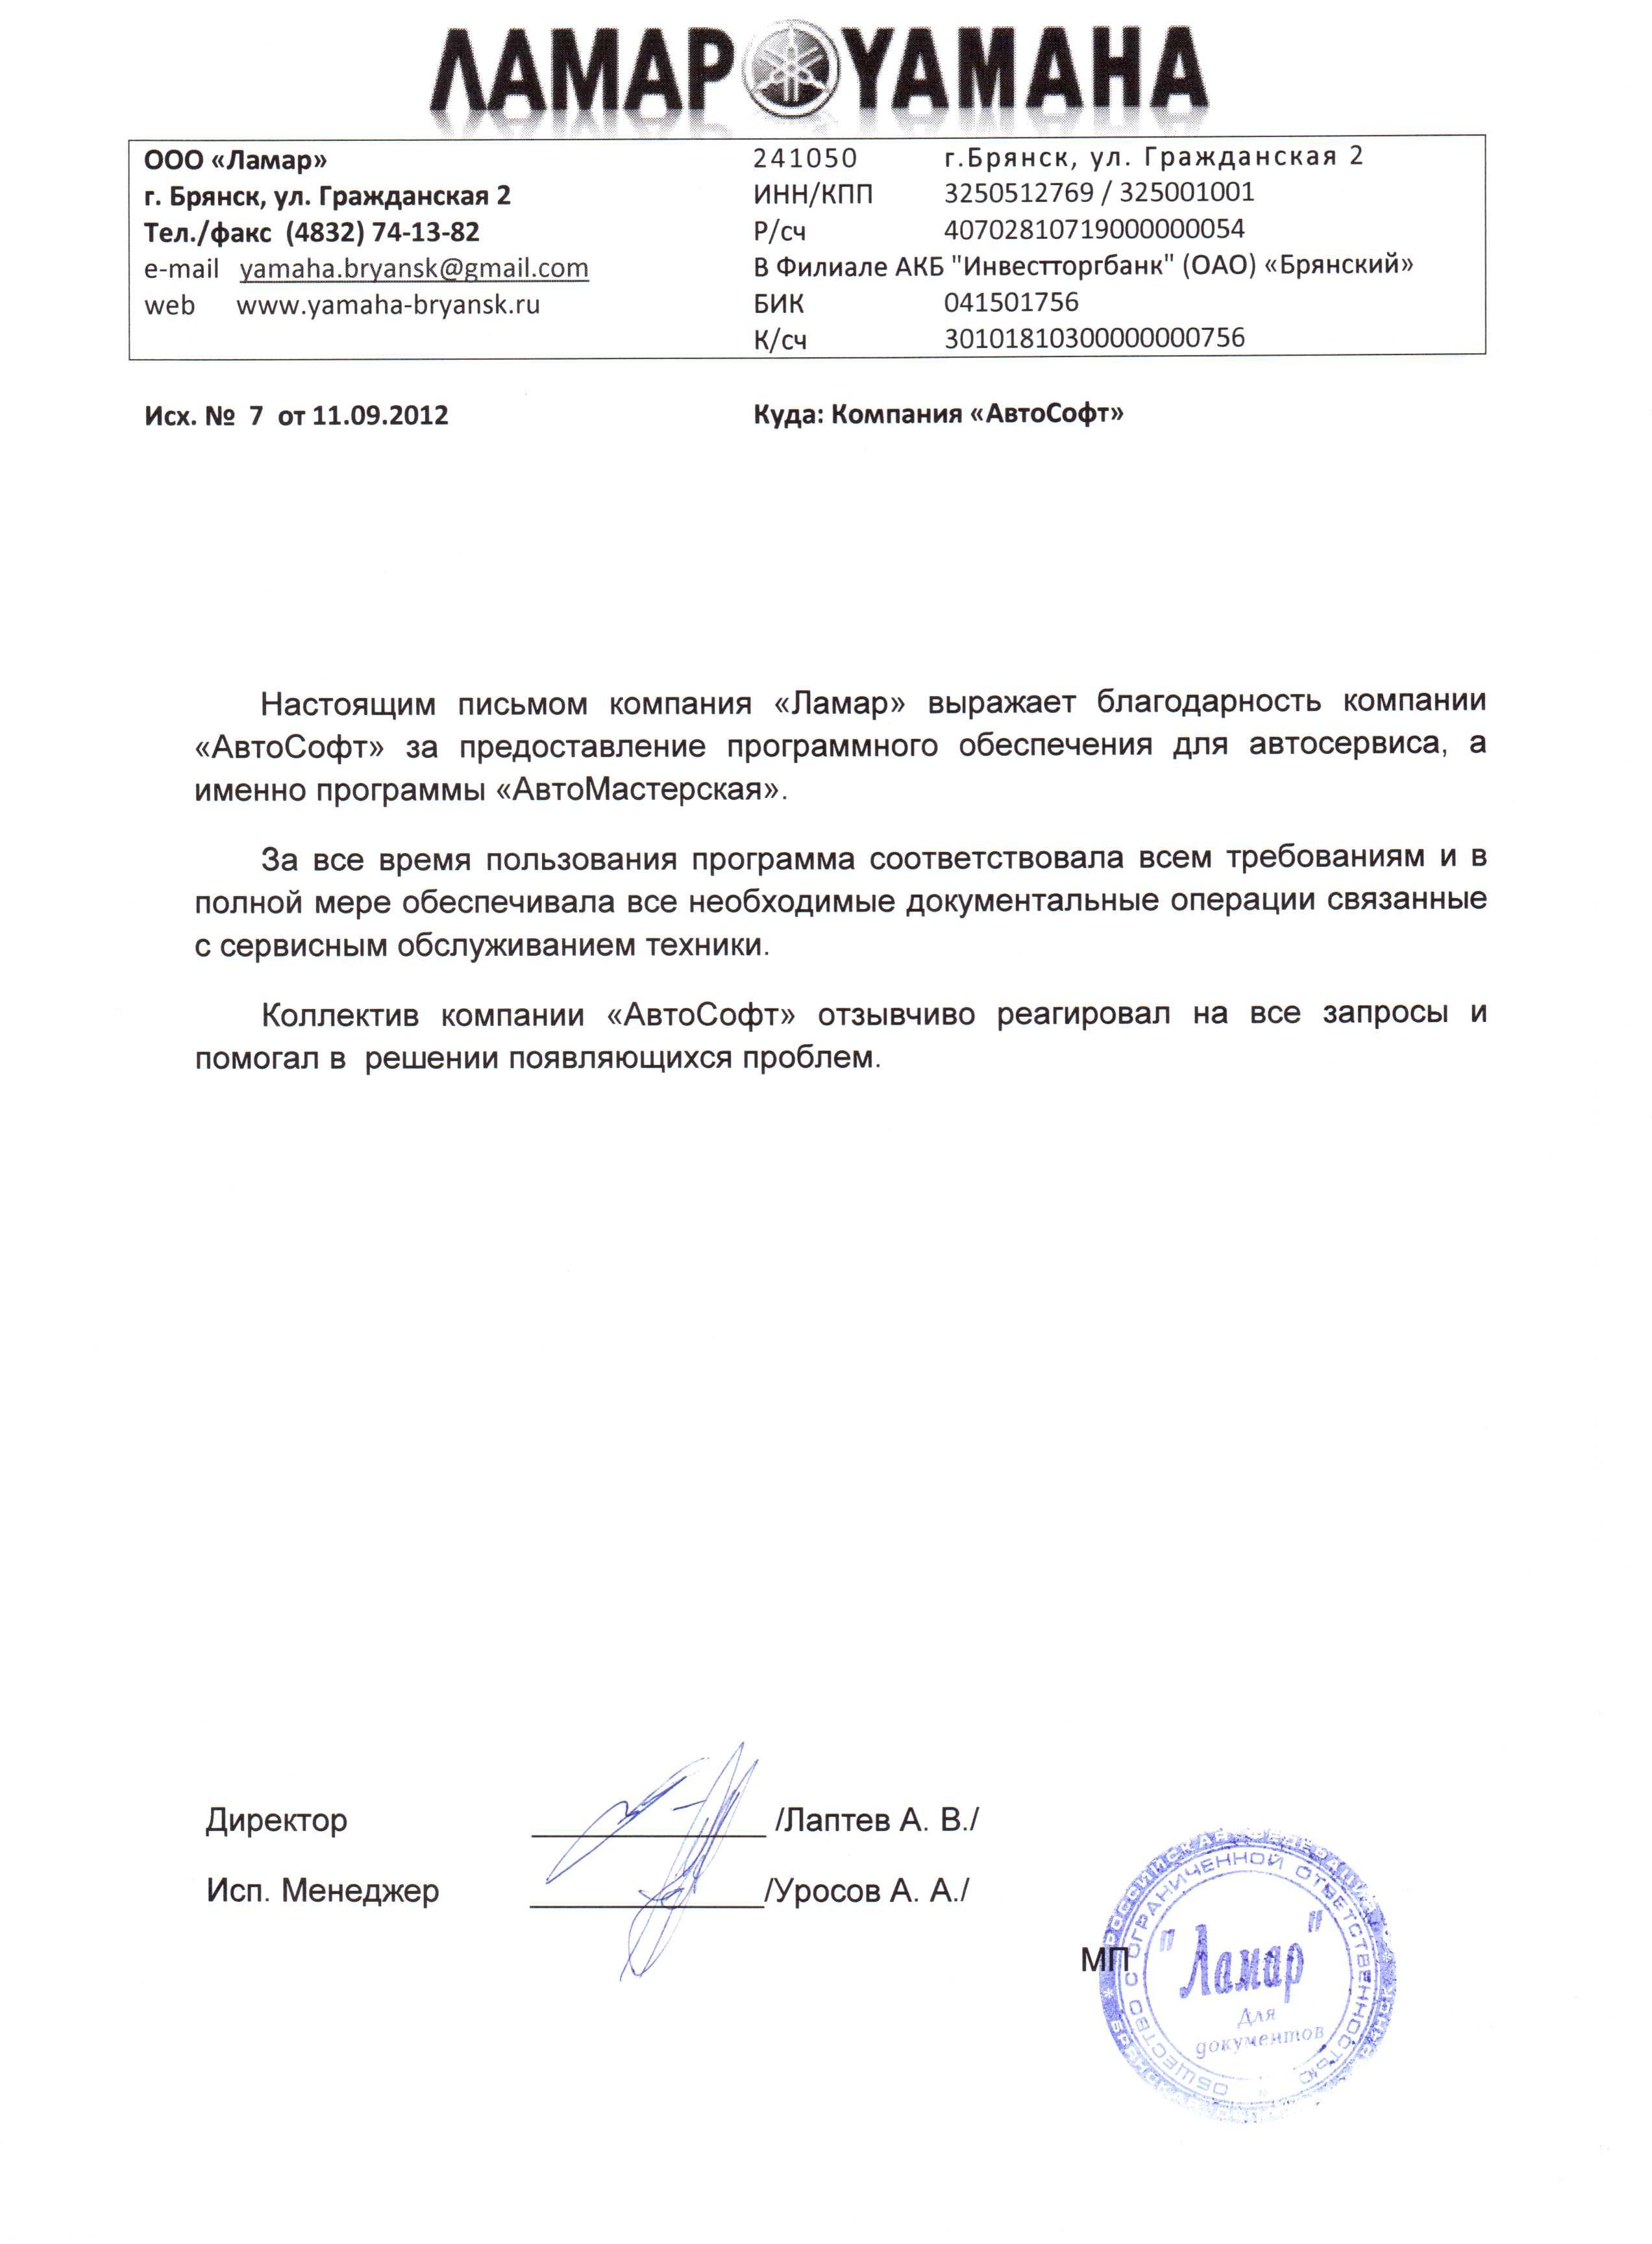 Отзыв о программе АвтоМастерская от ООО Ламар/YAMAHA, Брянск